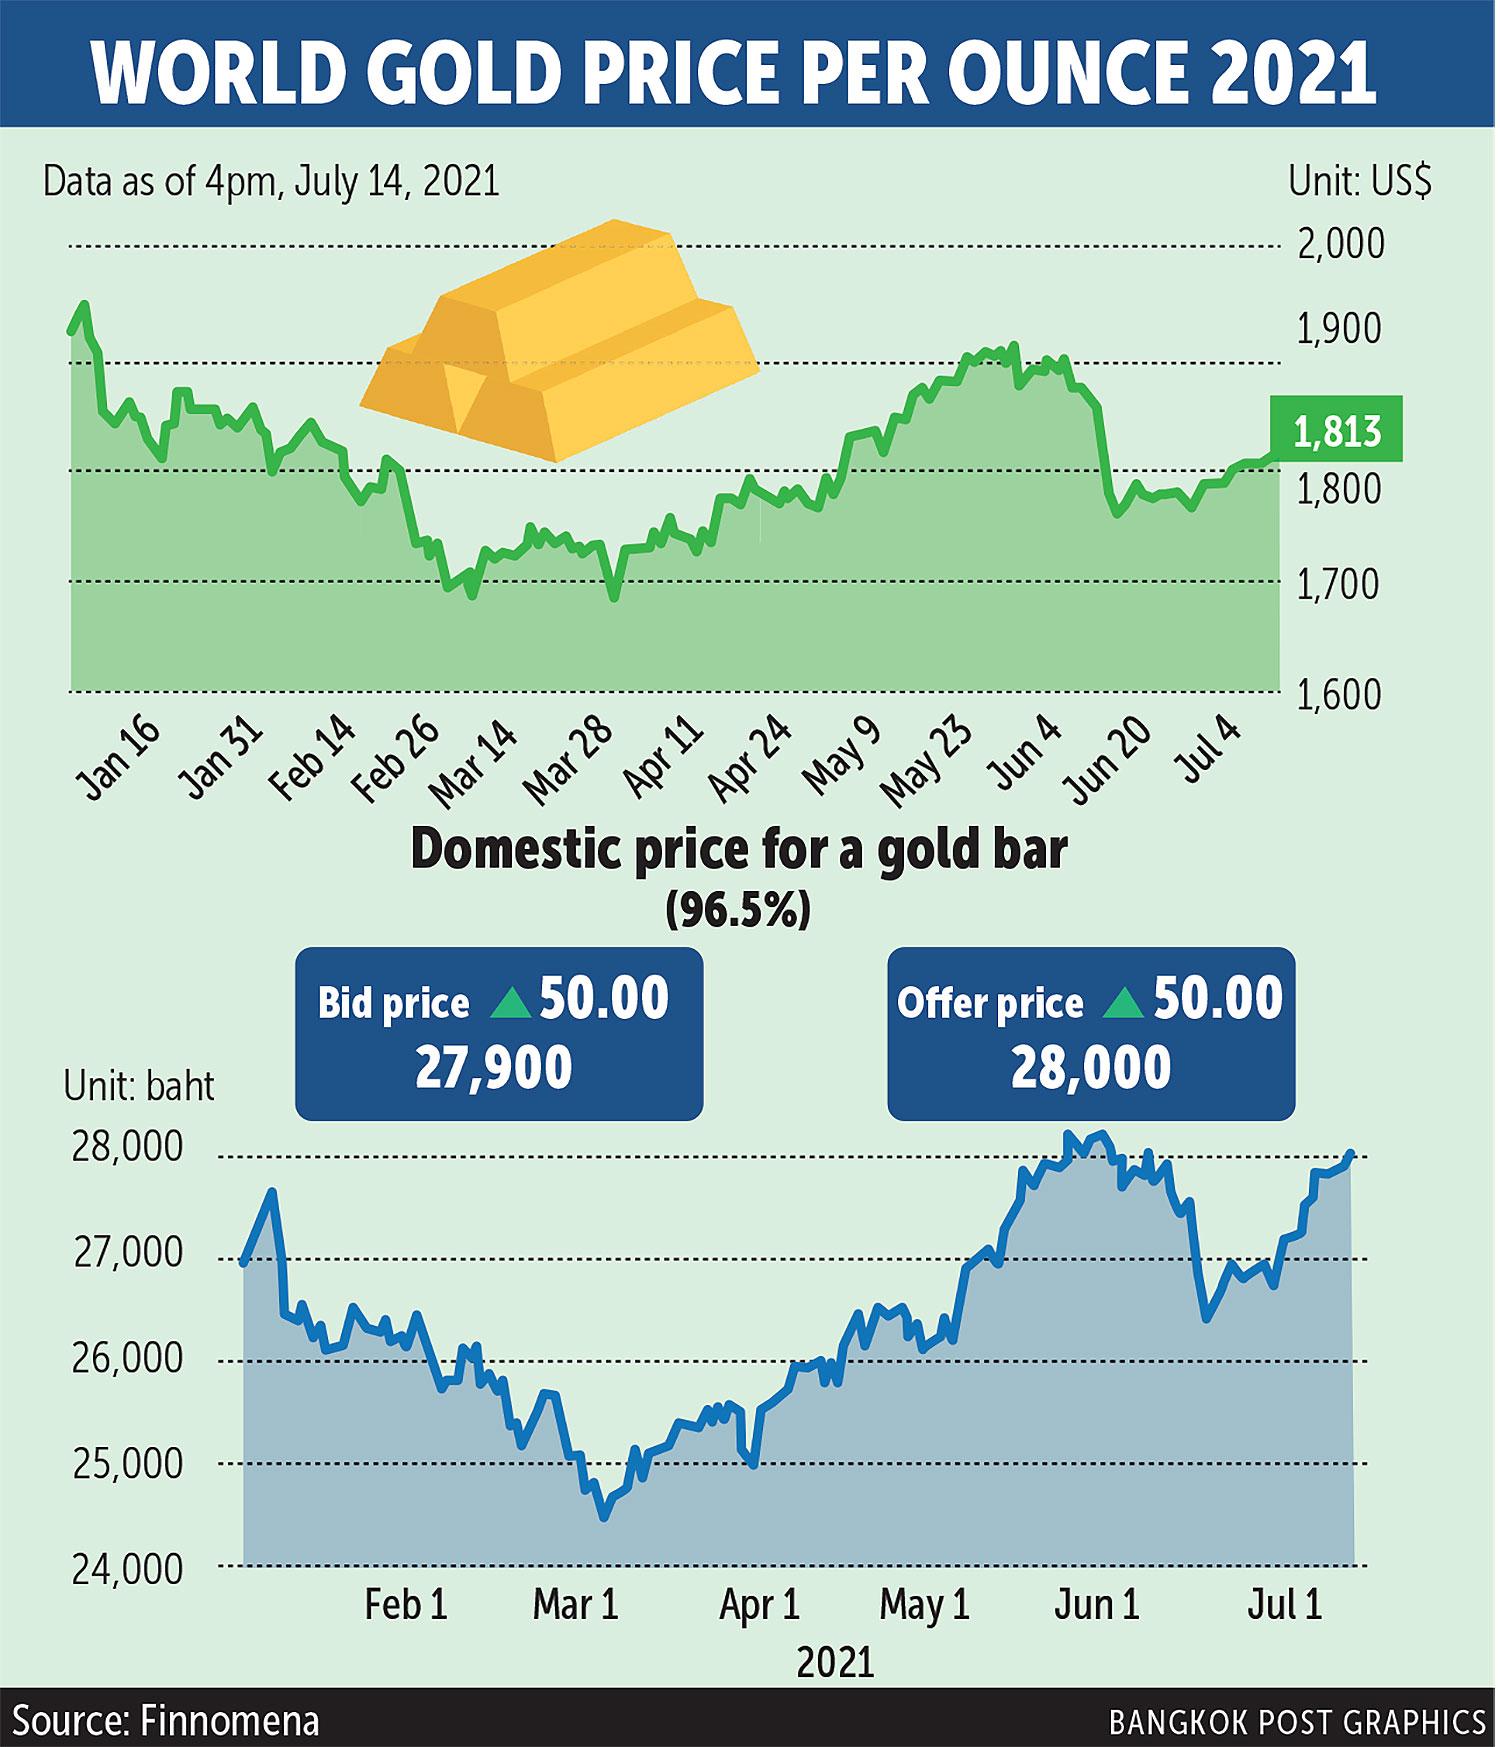 Giá vàng tại Thái Lan tăng vọt do Covid-19 - Ảnh 1.